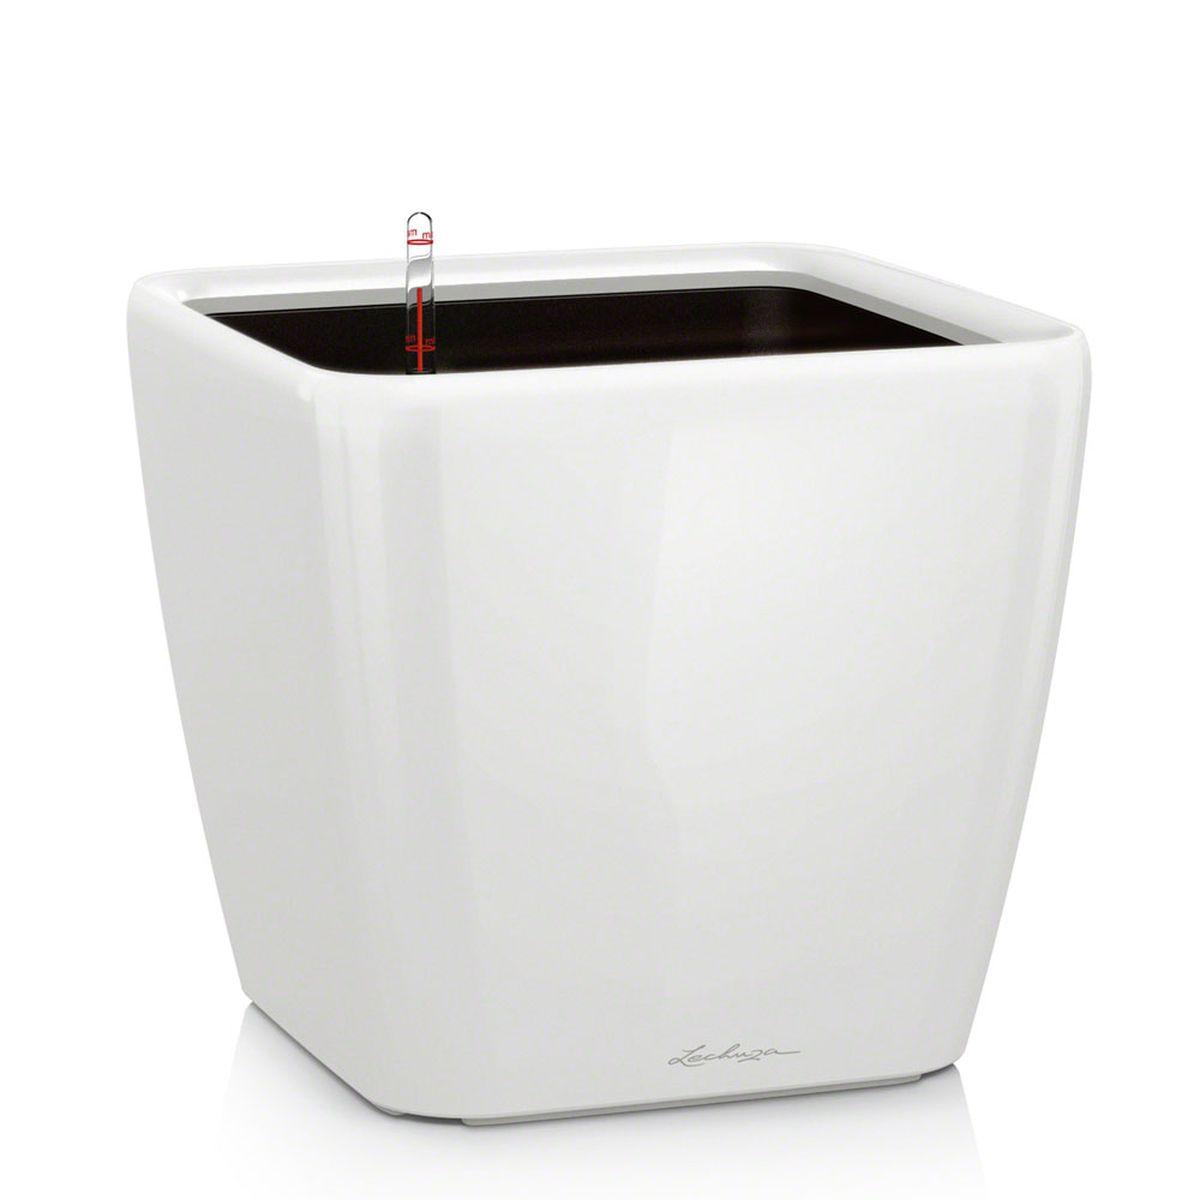 Кашпо Lechuza Quadro, с системой автополива, цвет: белый, 21 х 21 х 20 см16120Кашпо Lechuza Quadro, выполненное из высококачественного пластика, имеет уникальную систему автополива, благодаря которой корневая система растения непрерывно снабжается влагой из резервуара. Уровень воды в резервуаре контролируется с помощью специального индикатора. В зависимости от размера кашпо и растения воды хватает на 2-12 недель. Это способствует хорошему росту цветов и предотвращает переувлажнение. В набор входит: кашпо, внутренний горшок с выдвижной эргономичной ручкой, индикатор уровня воды, вал подачи воды, субстрат растений в качестве дренажного слоя, резервуар для воды. Кашпо Lechuza Quadro прекрасно впишется в любой интерьер. Оно поможет расставить нужные акценты, а также придаст помещению вид, соответствующий вашим представлениям.